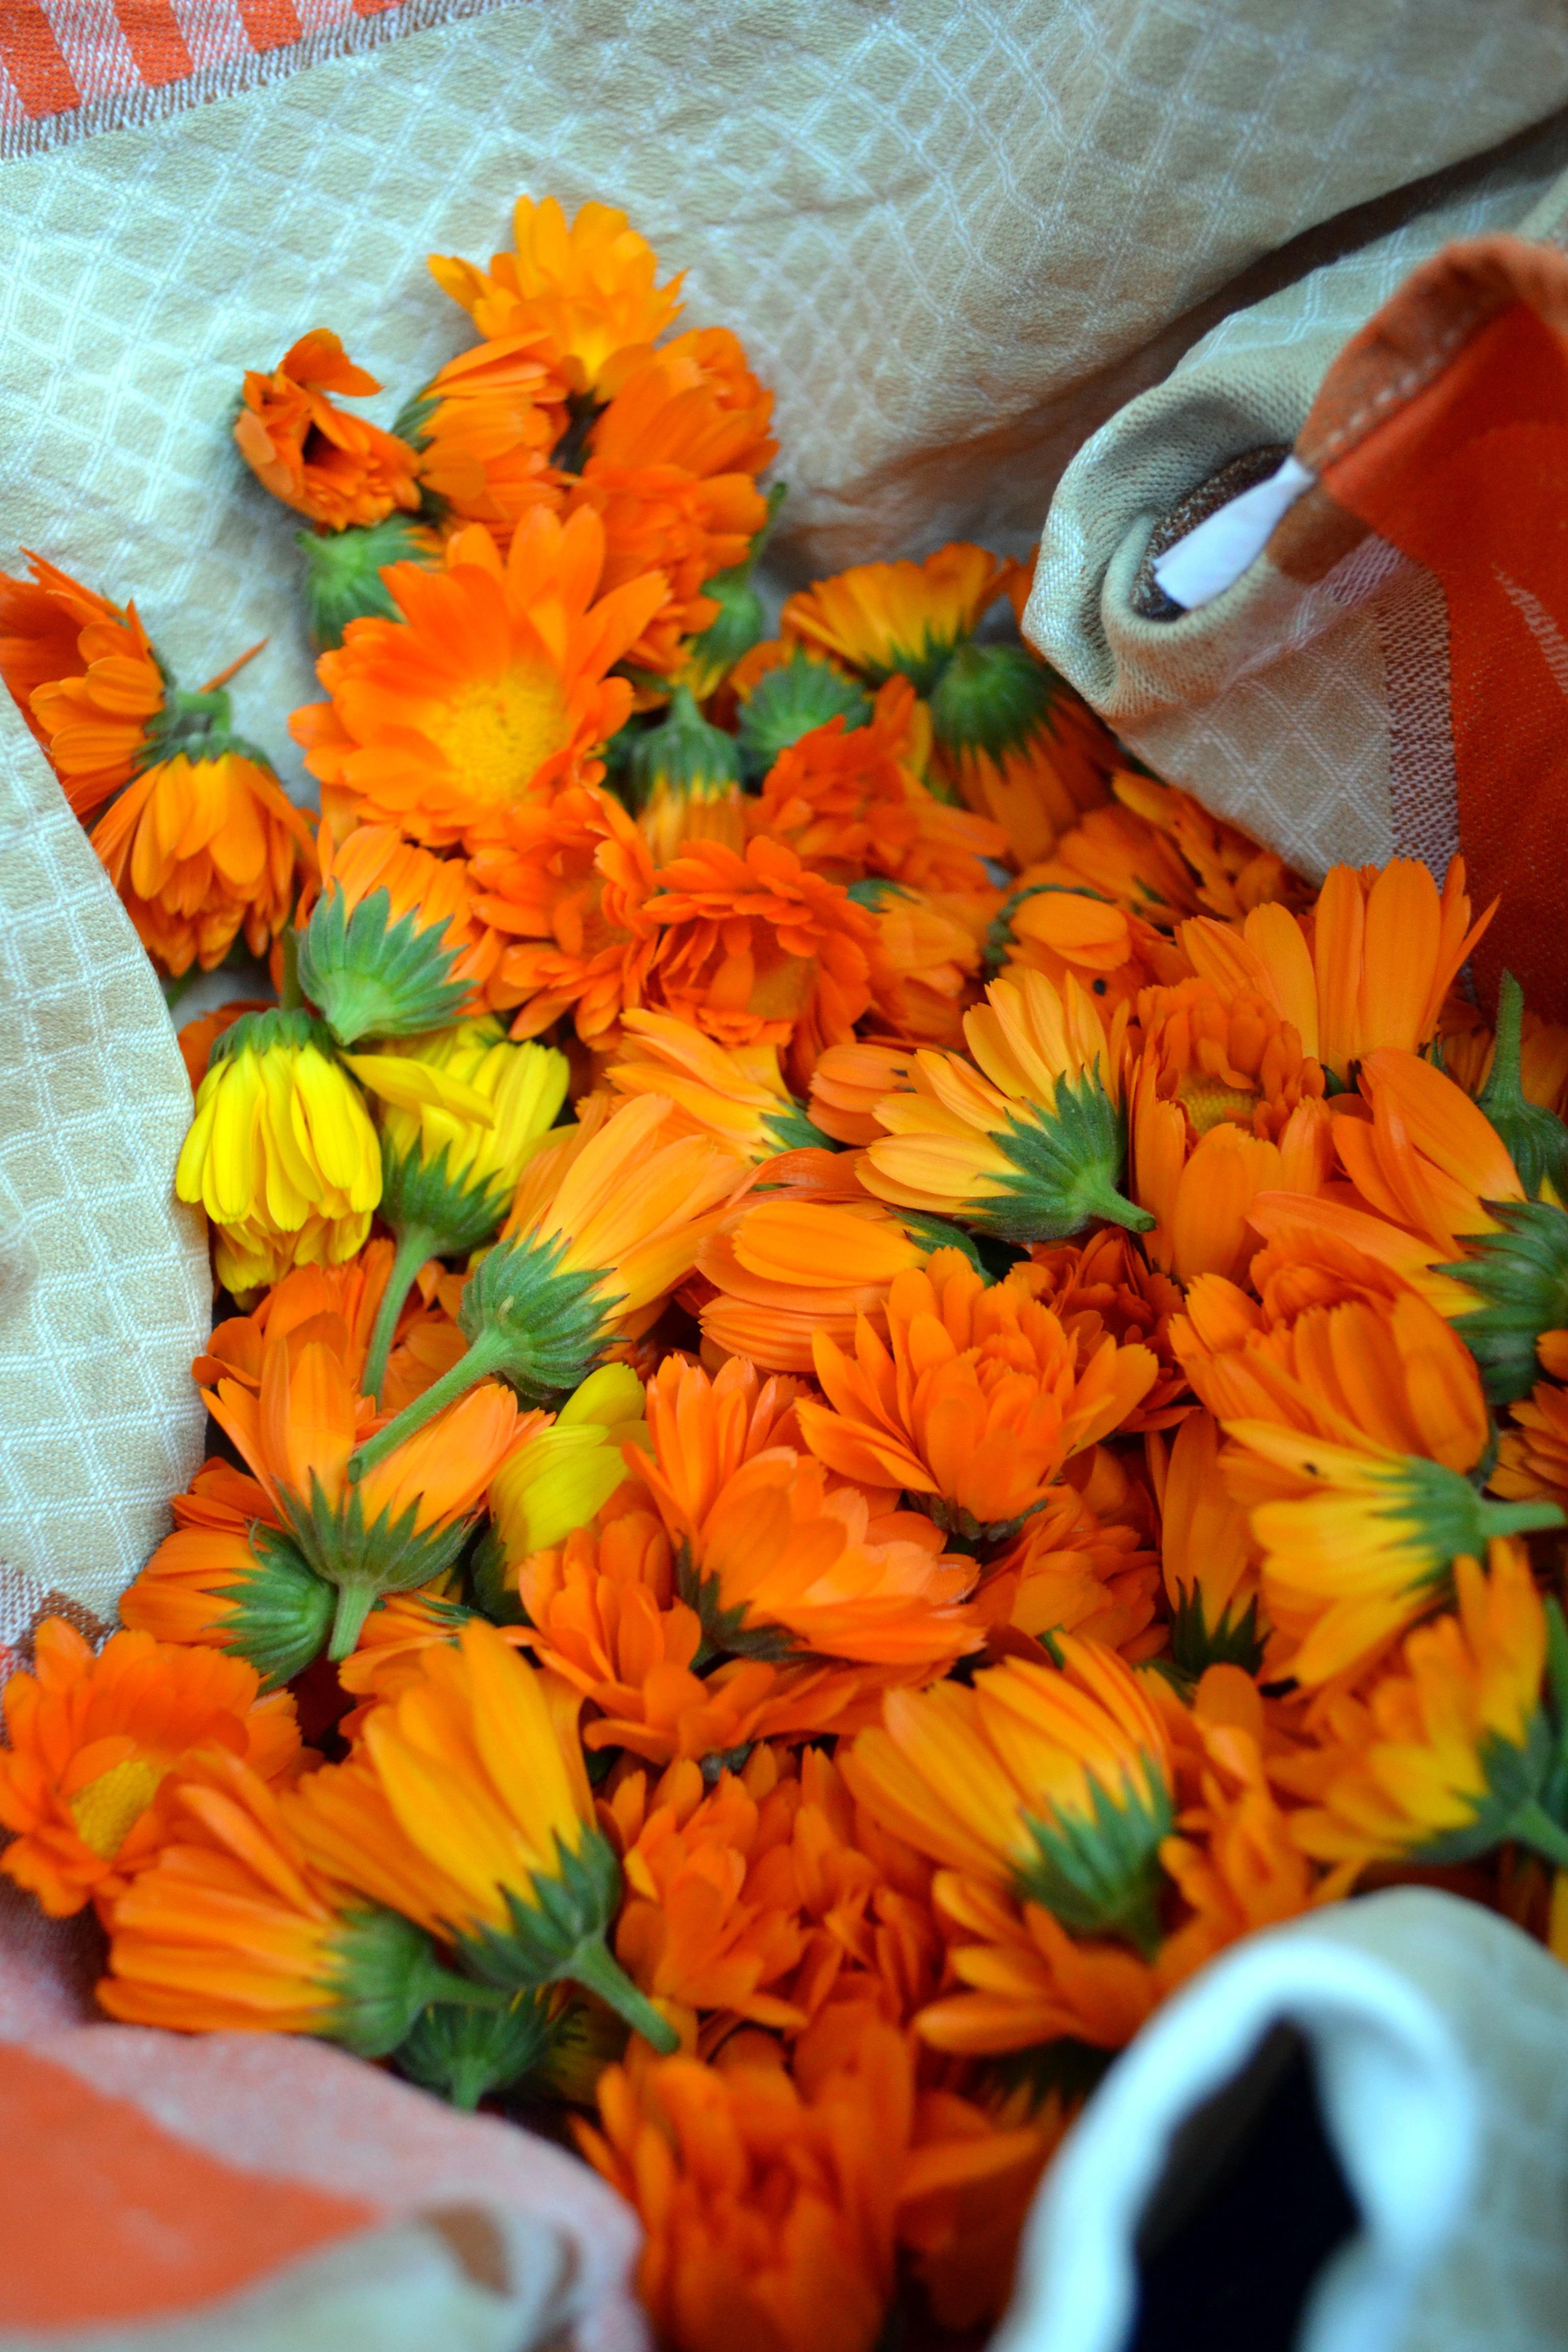 Fotos Gratis Naturaleza Hoja Petalo Florecer Naranja Color